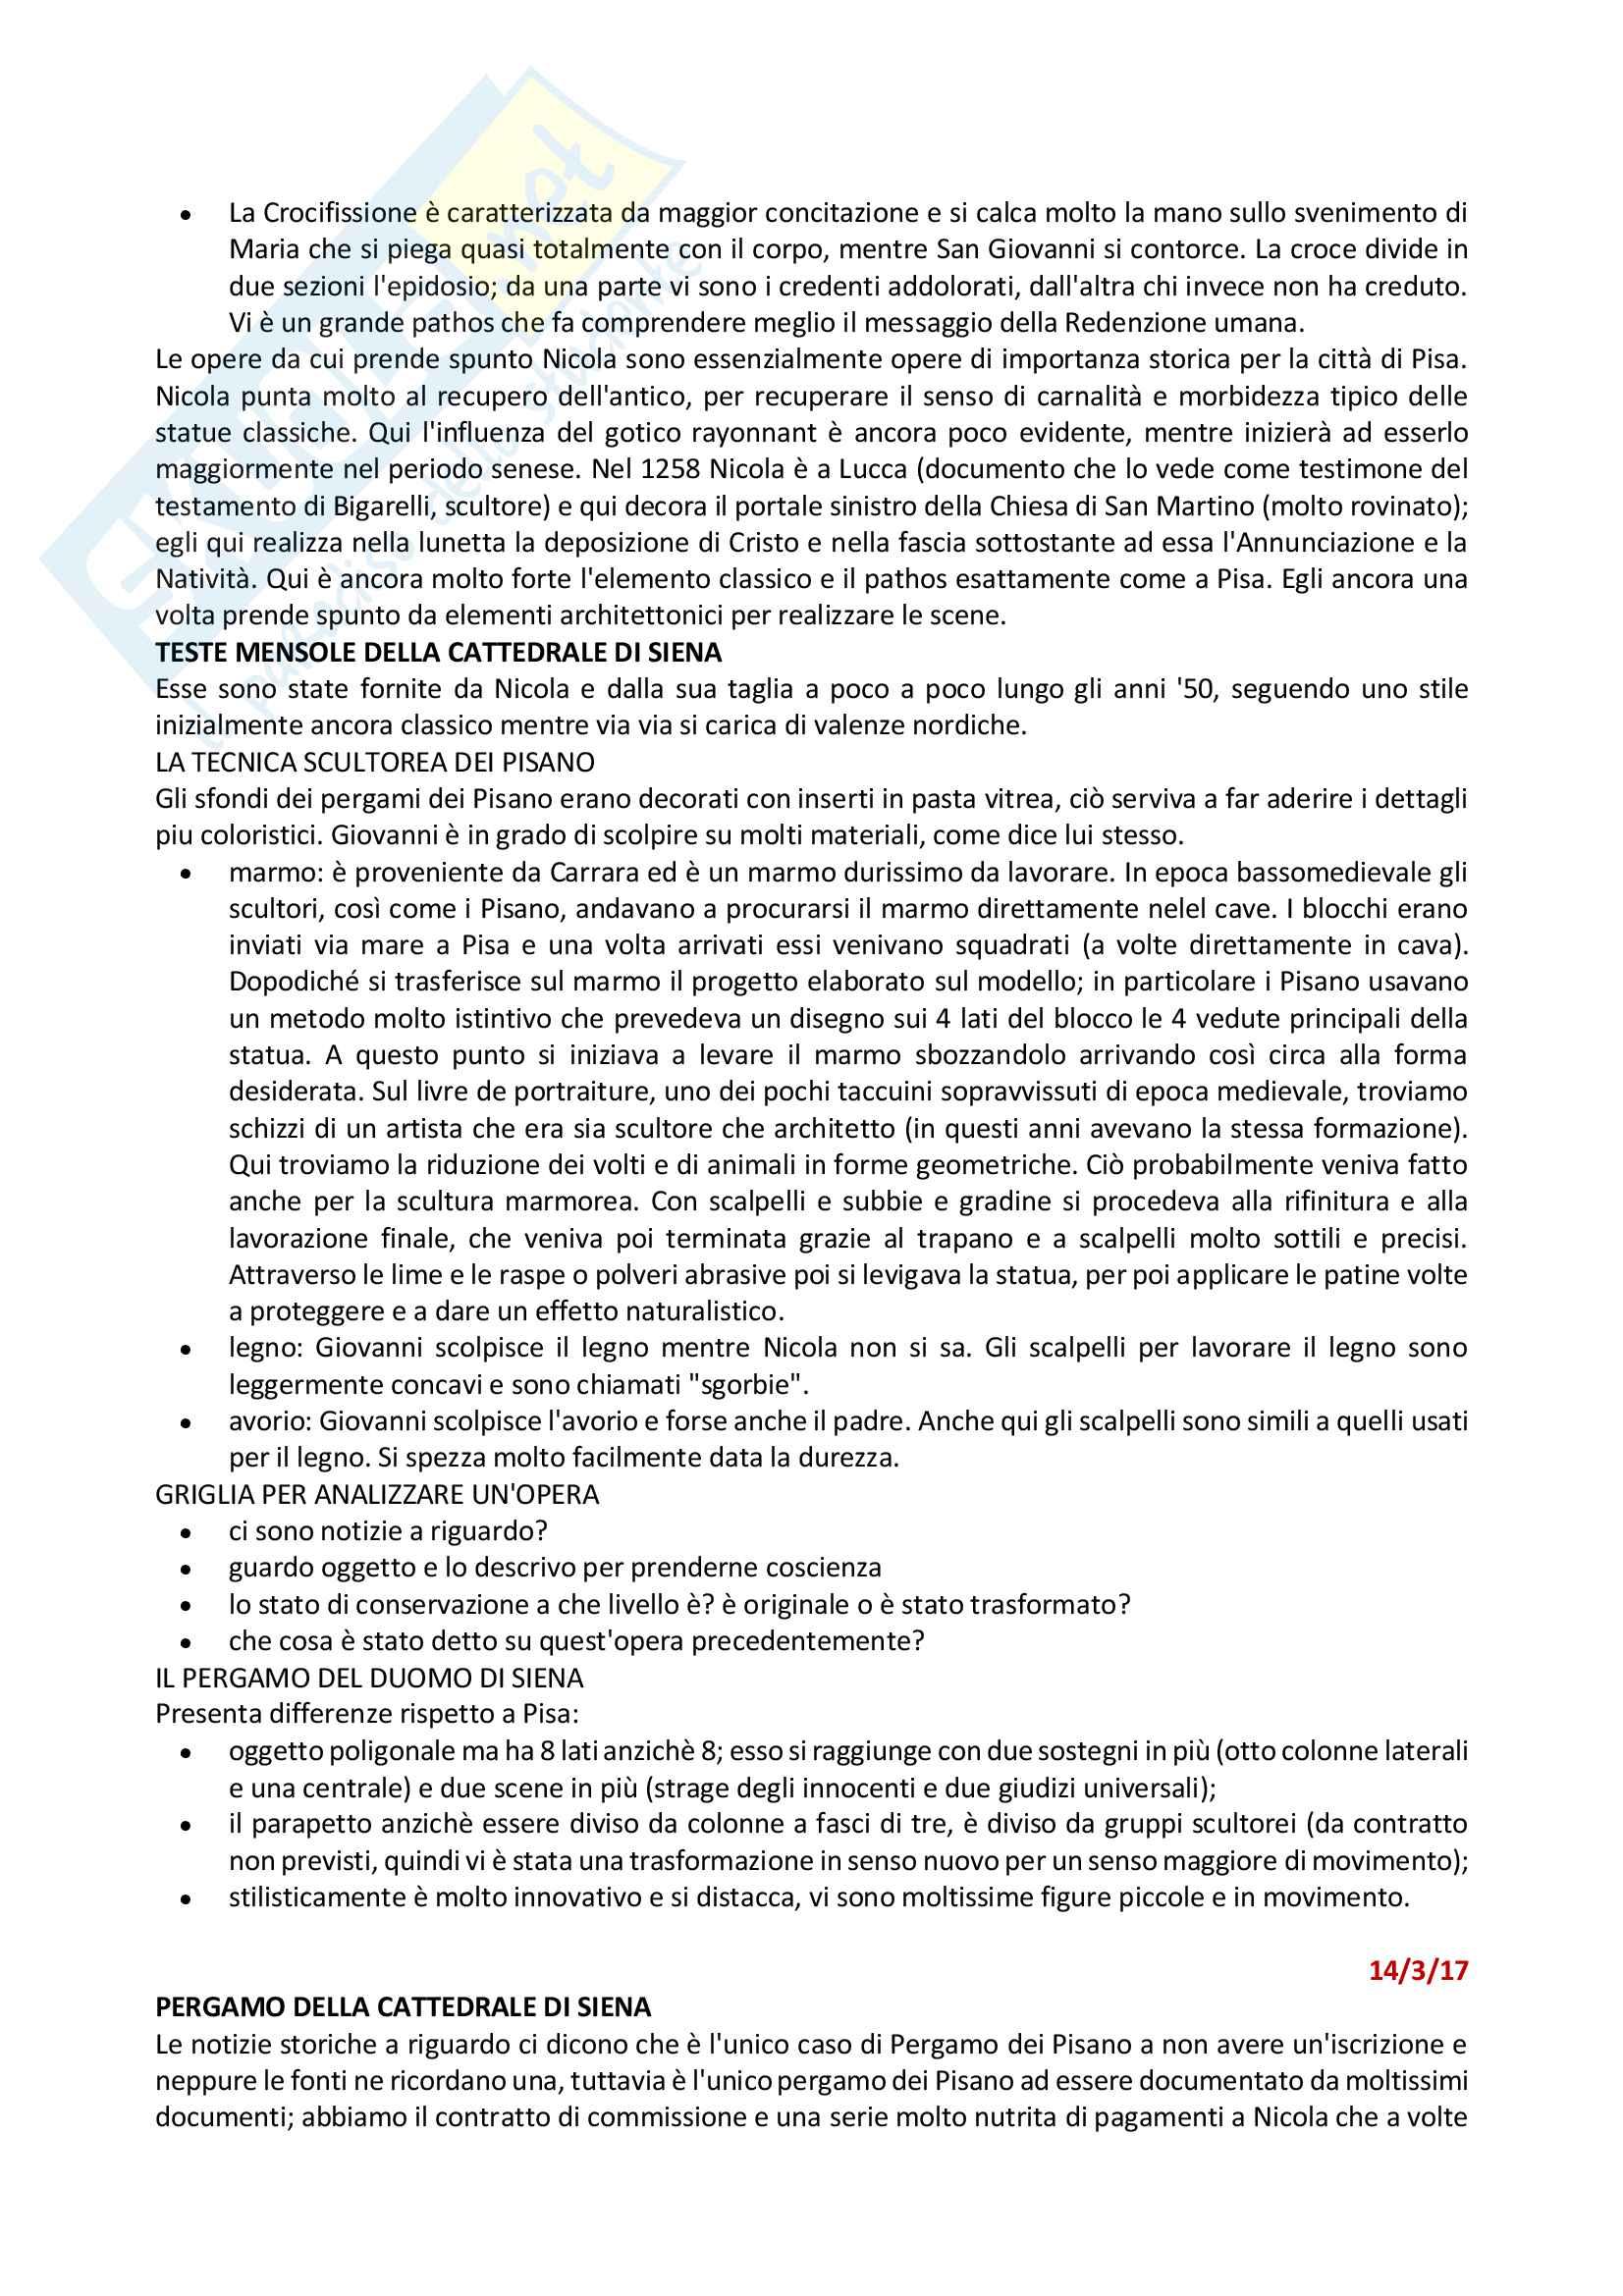 Riassunto esame Arte Medievale, Prof Rossi-Buganza - Gotico a Siena Pag. 6